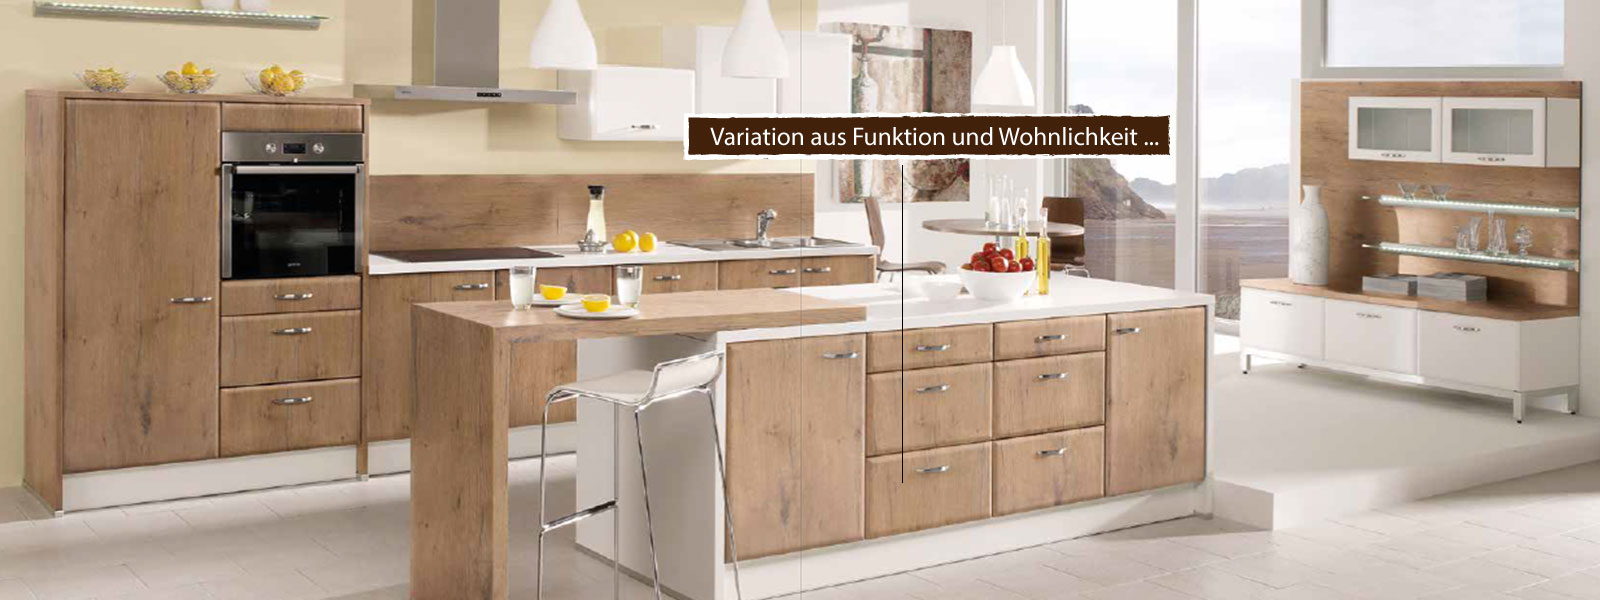 Full Size of Willhaben Komplettküche Komplettküche Billig Komplettküche Mit Geräten Miele Komplettküche Küche Komplettküche